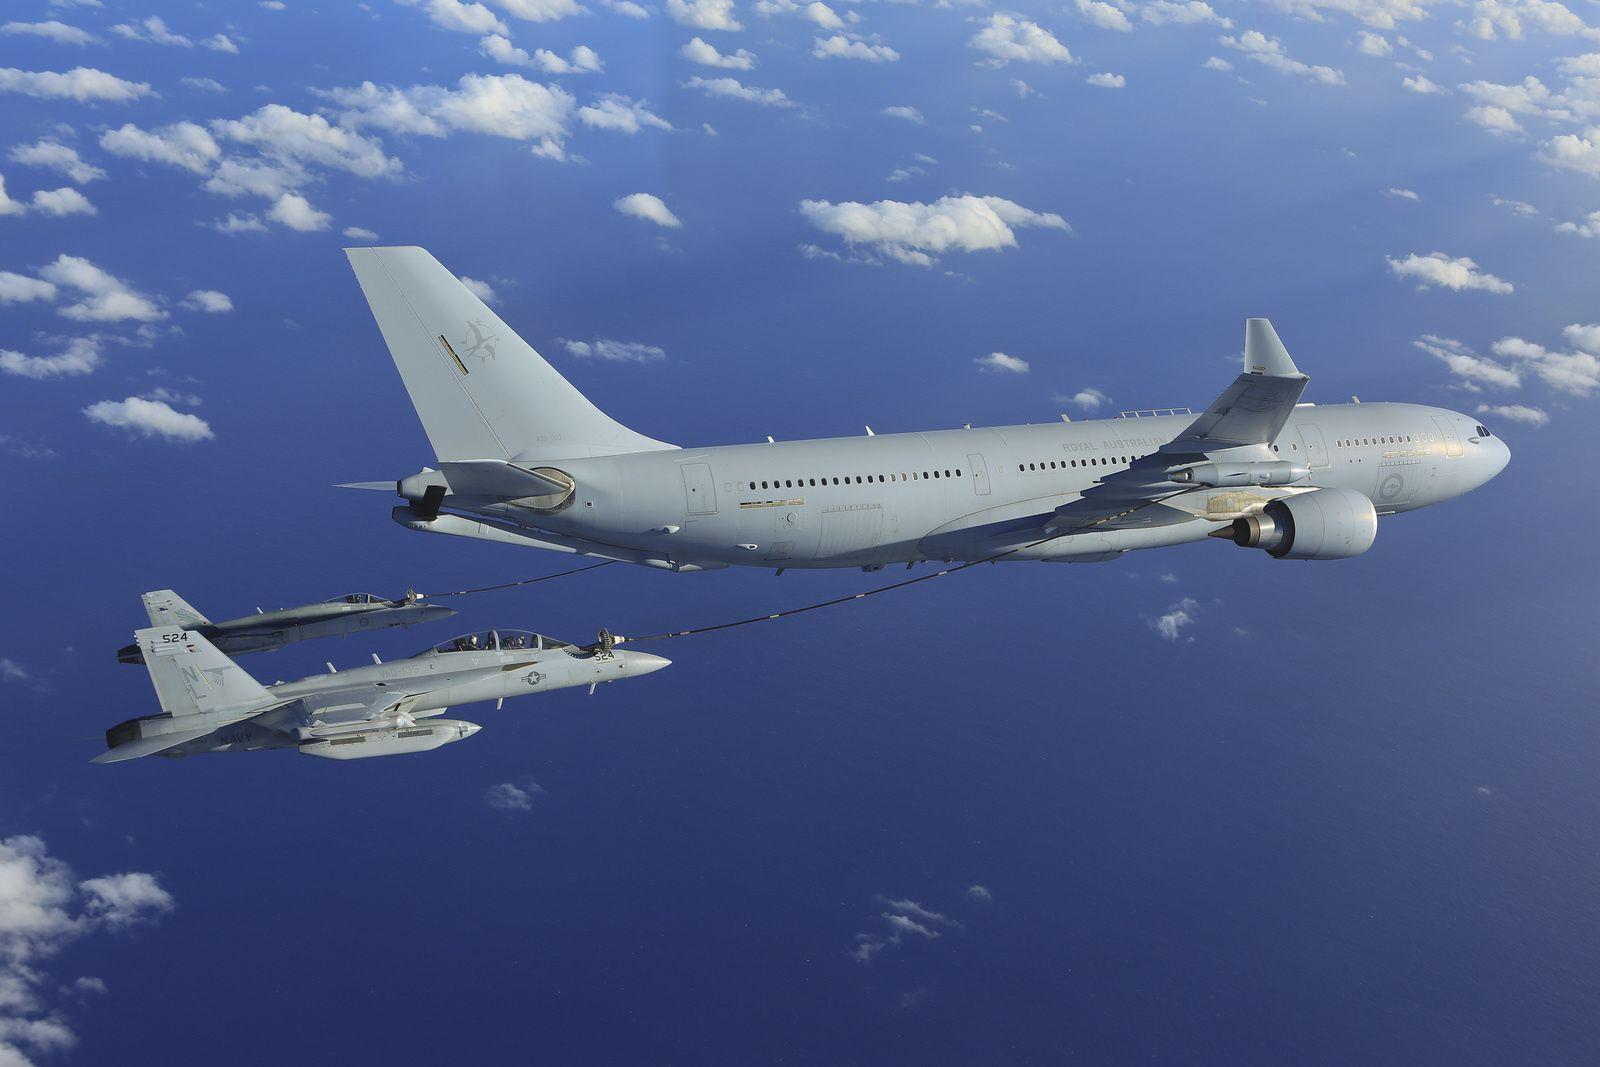 © RAAF - Un F/A-18 Hornet et un EA-18G Growler se ravitaillent auprès d'un KC-30A MRTT de la Royal Australian Air Force.